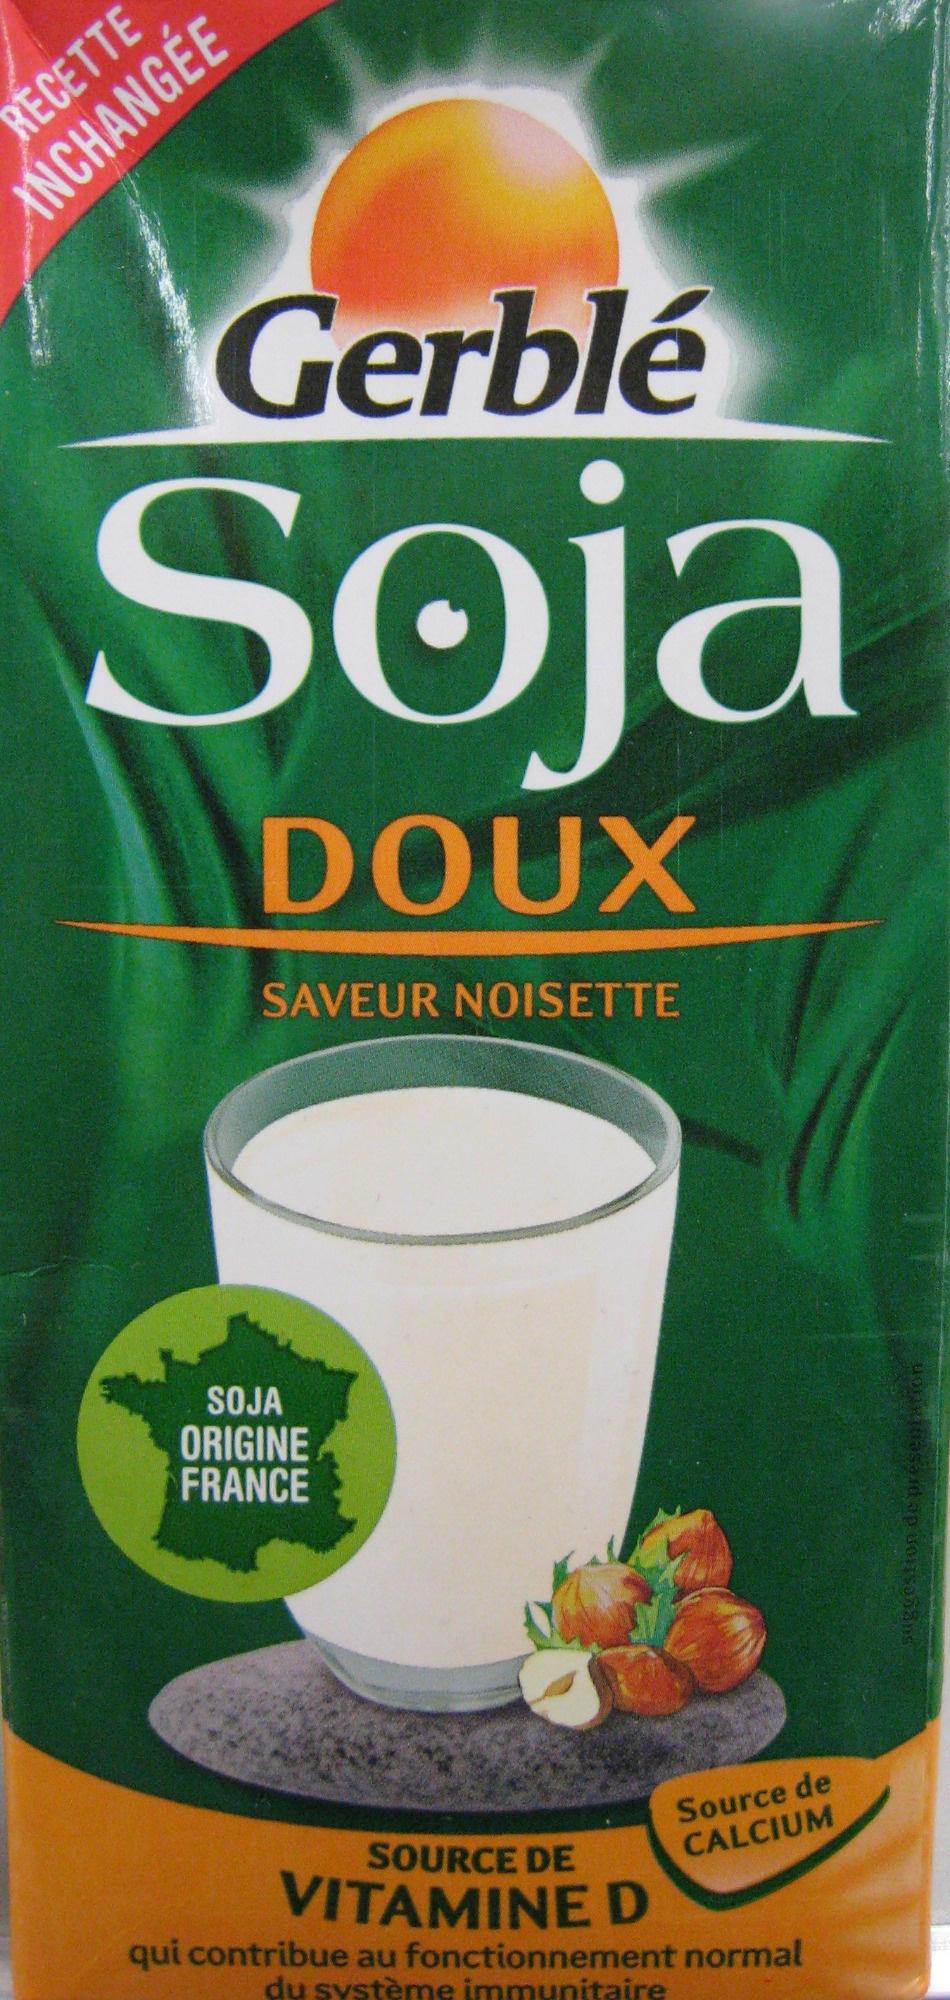 Soja Doux Saveur Noisette - Product